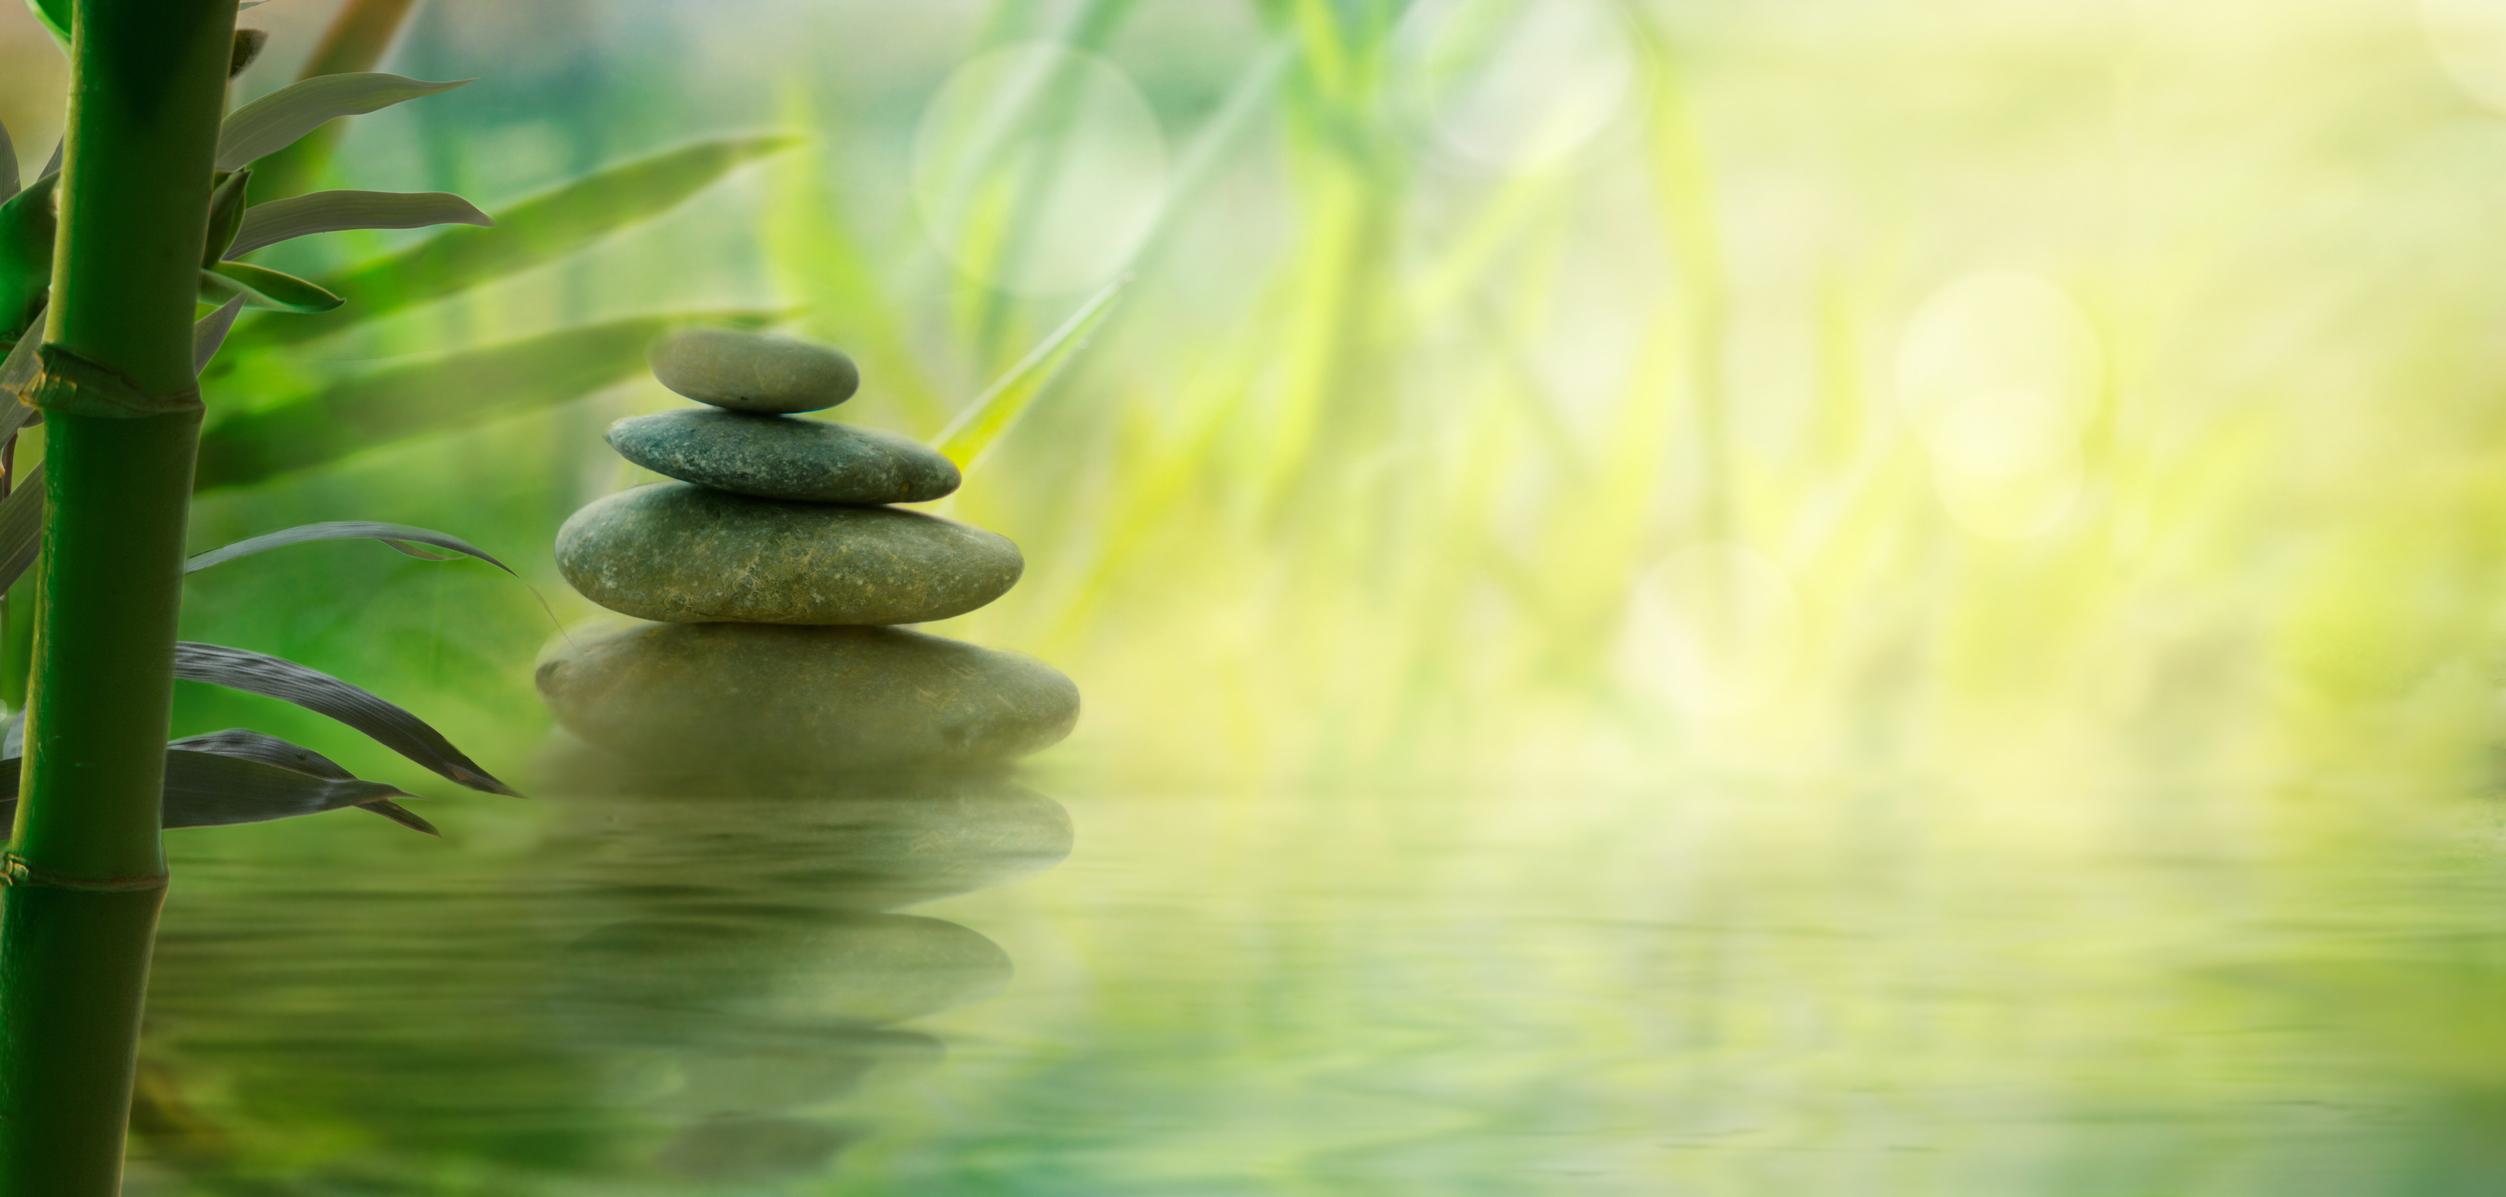 Yoga préparation à l'accouchement zen Yoga préparation à l'accouchement zen